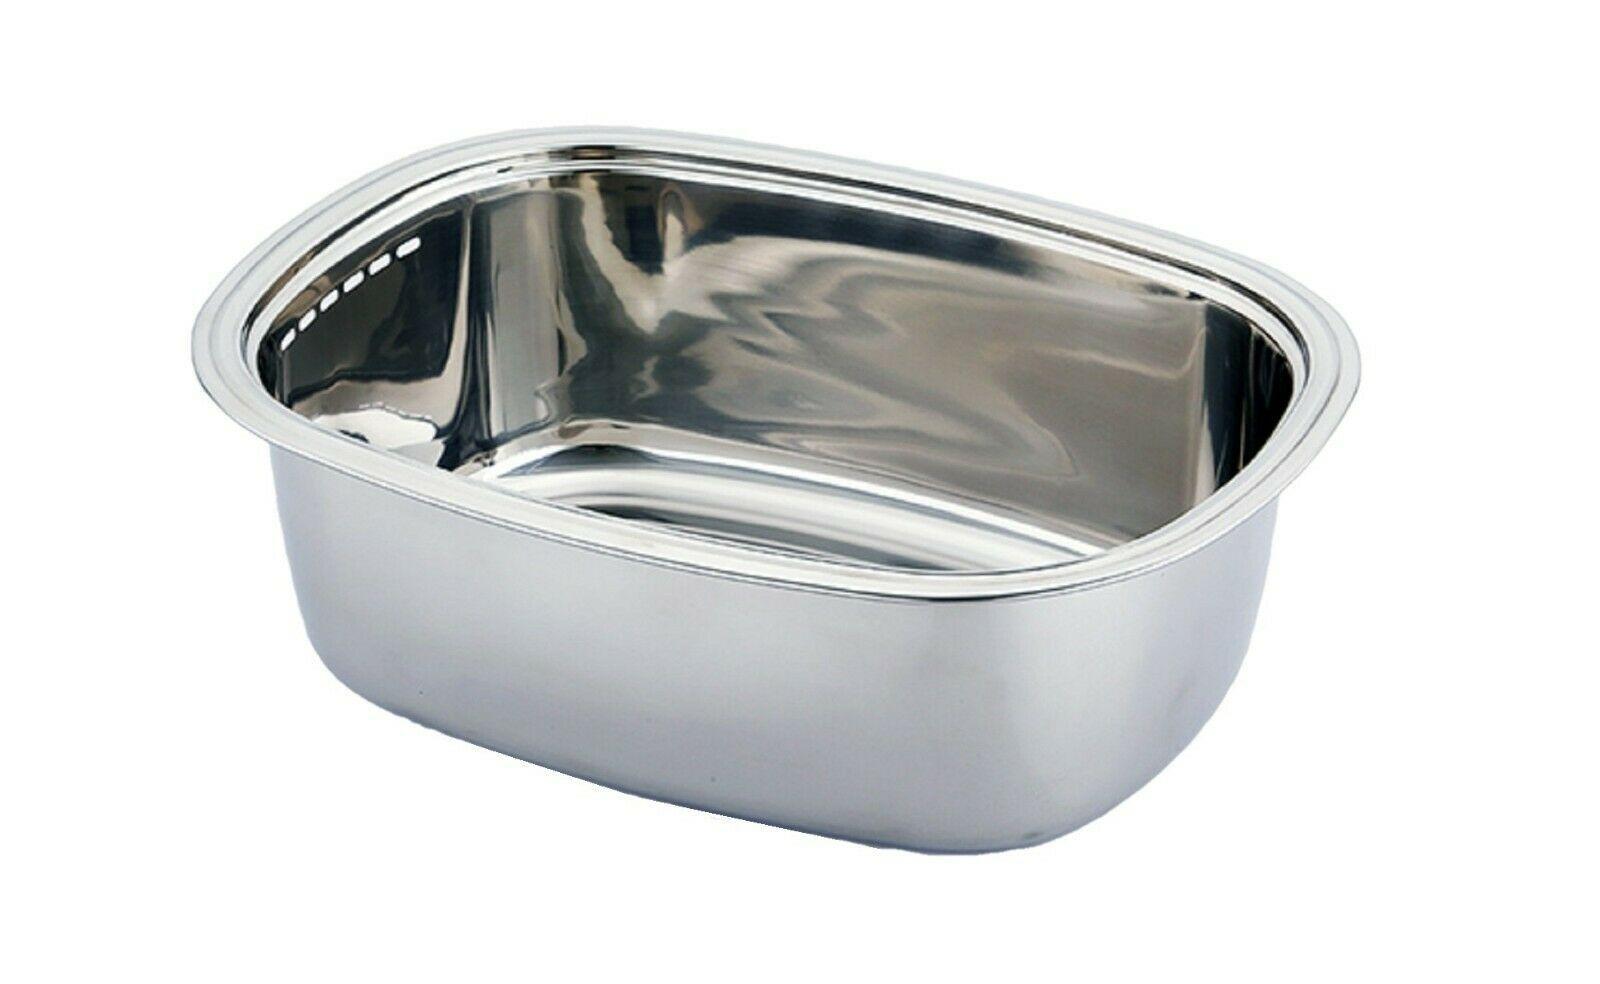 Kitchen Flower Stainless Steel Basin Dishpan Dish Washing Bowl Basket Rectangle